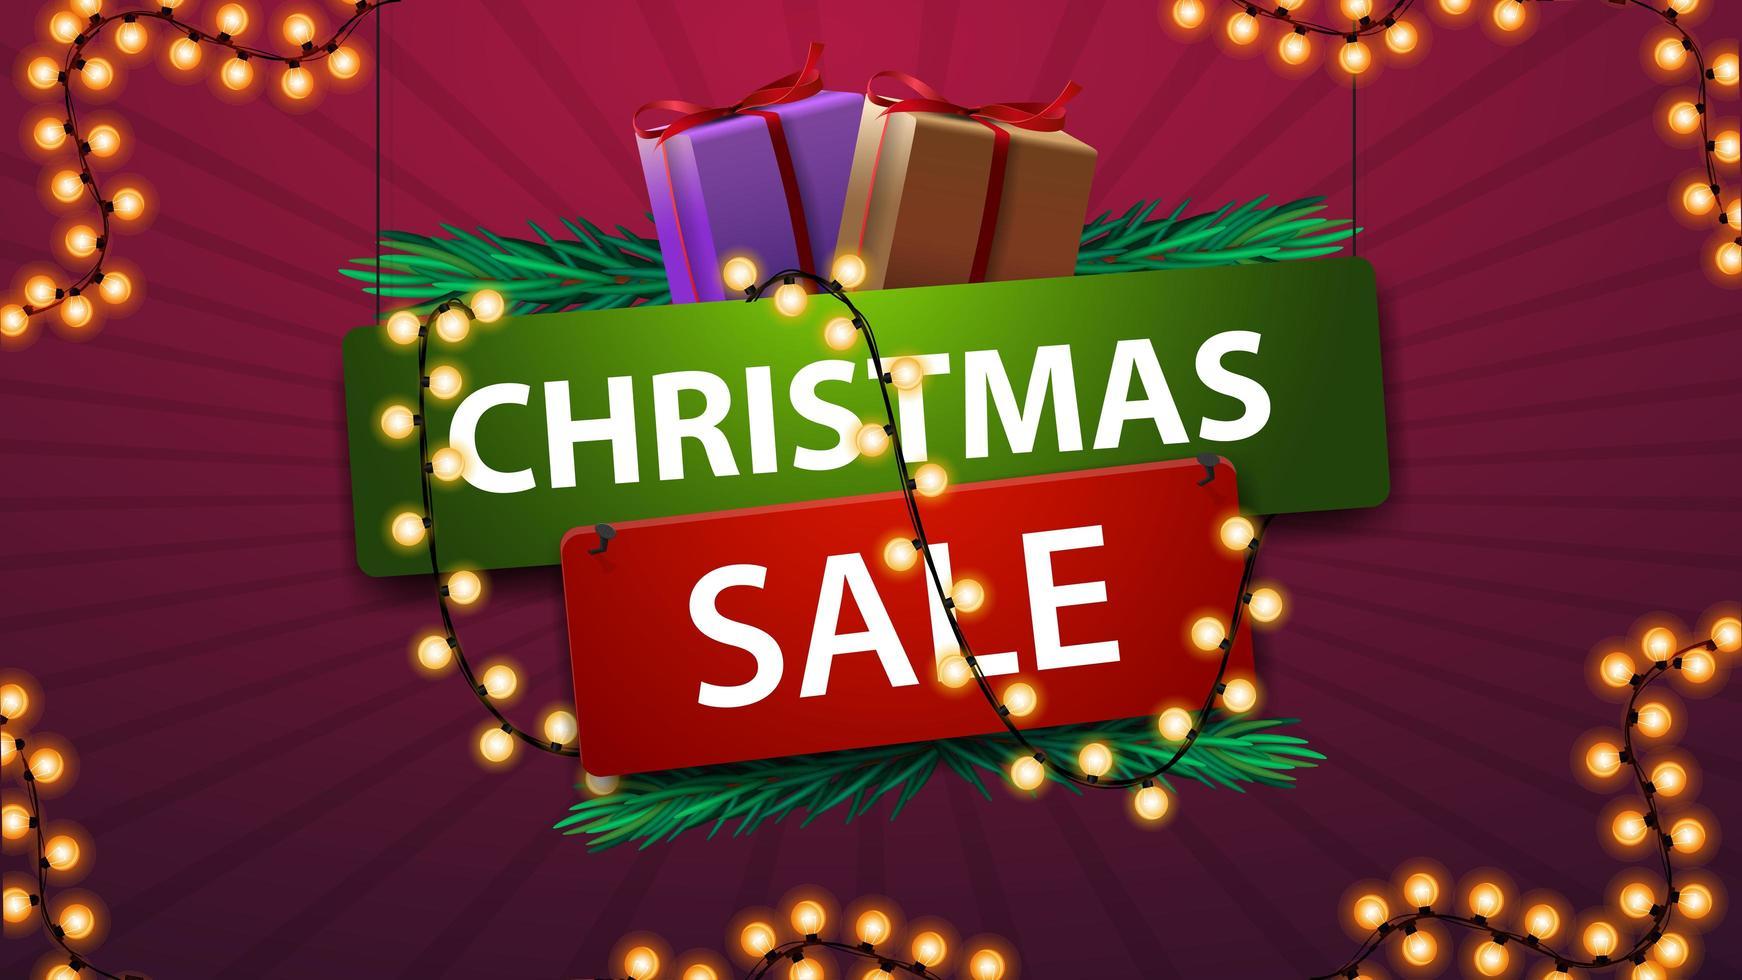 vente de Noël, bannière en style cartoon avec cadeaux et guirlande. vecteur